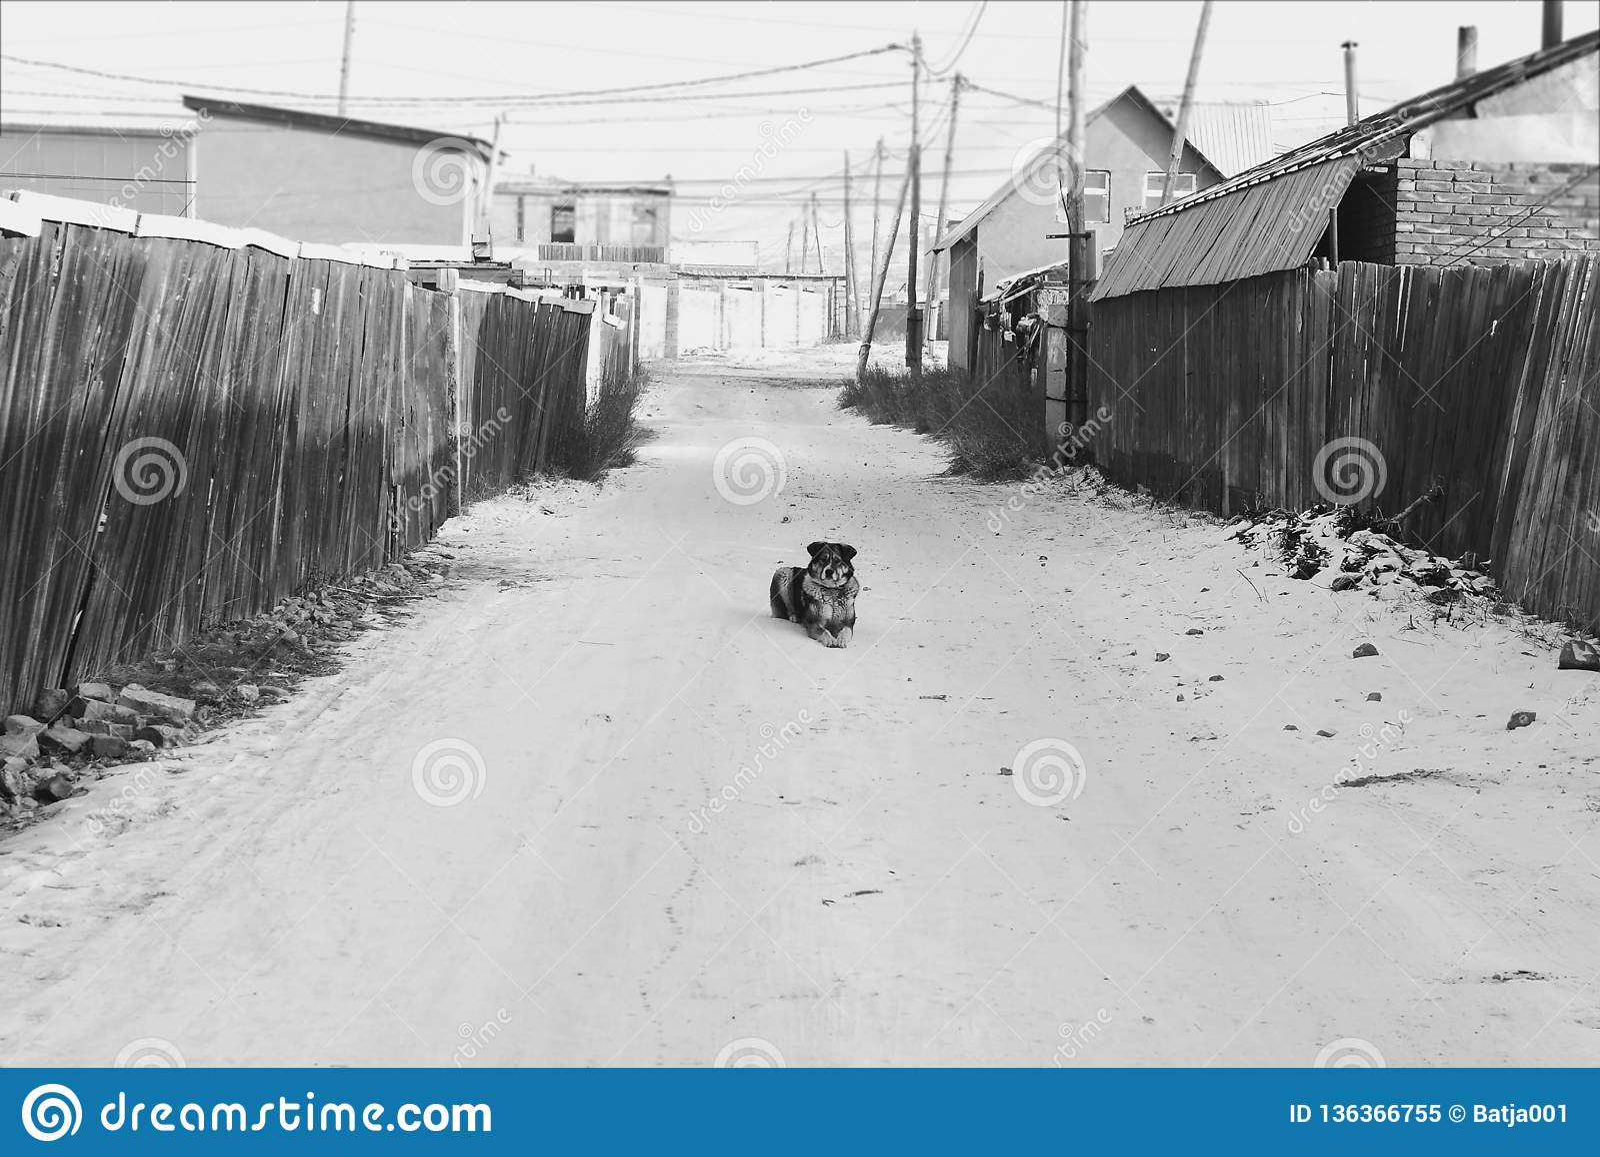 Solamente en la calle